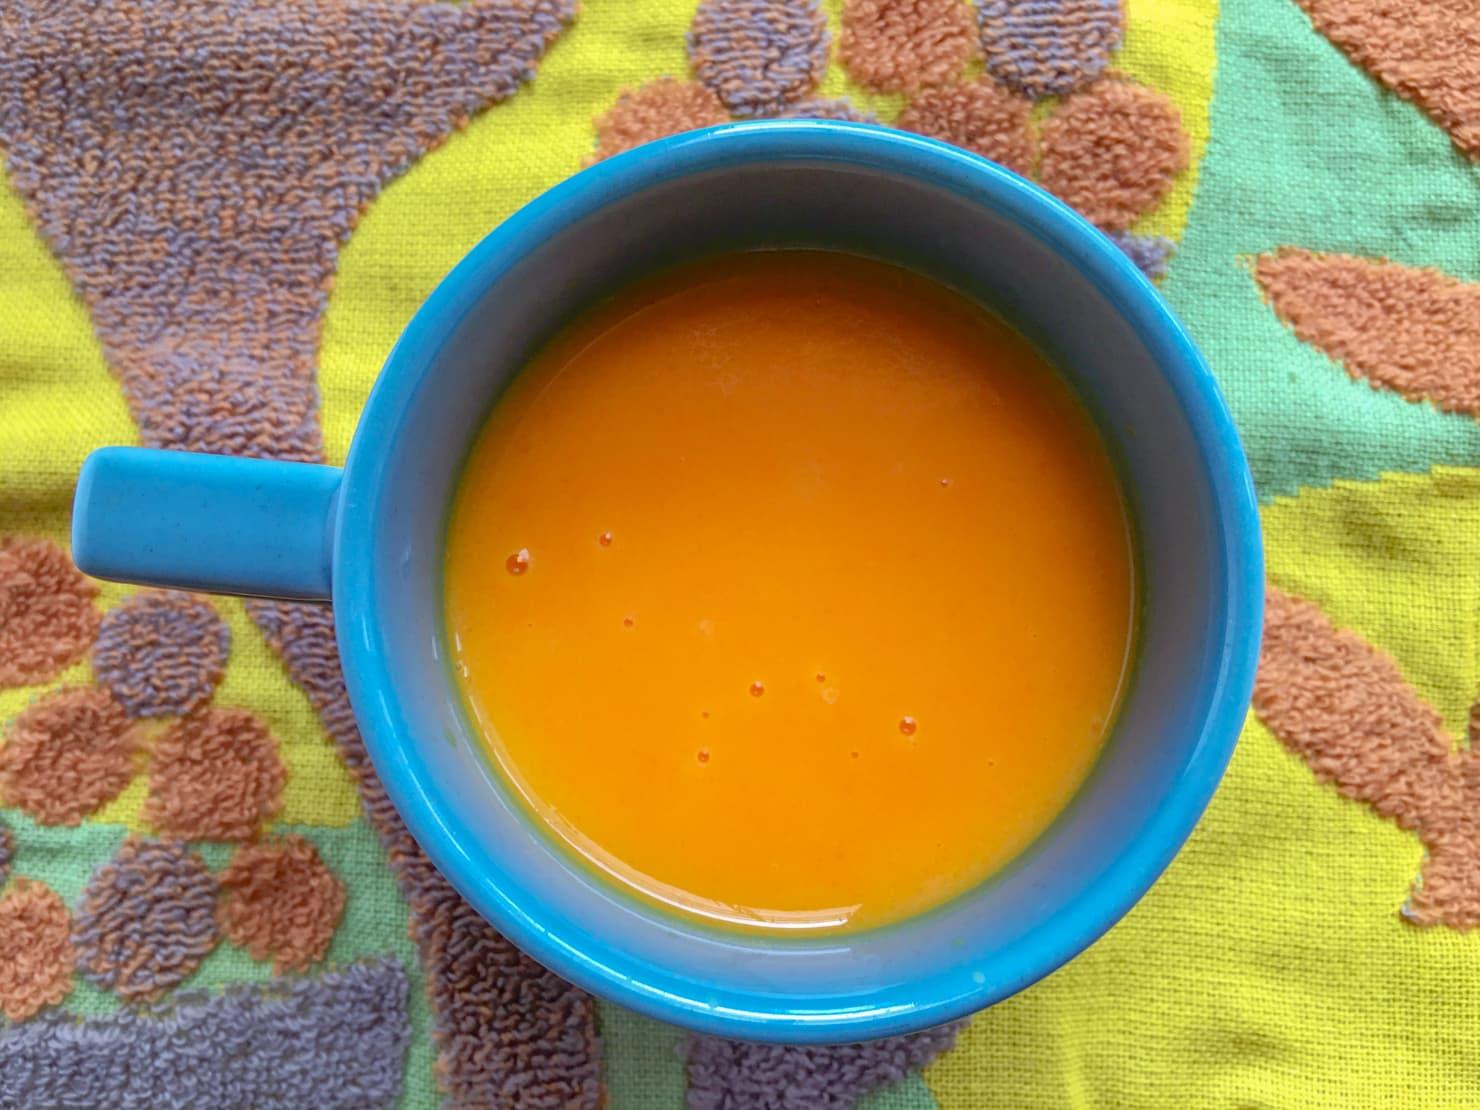 コリンキーとにんじんのポタージュスープの写真